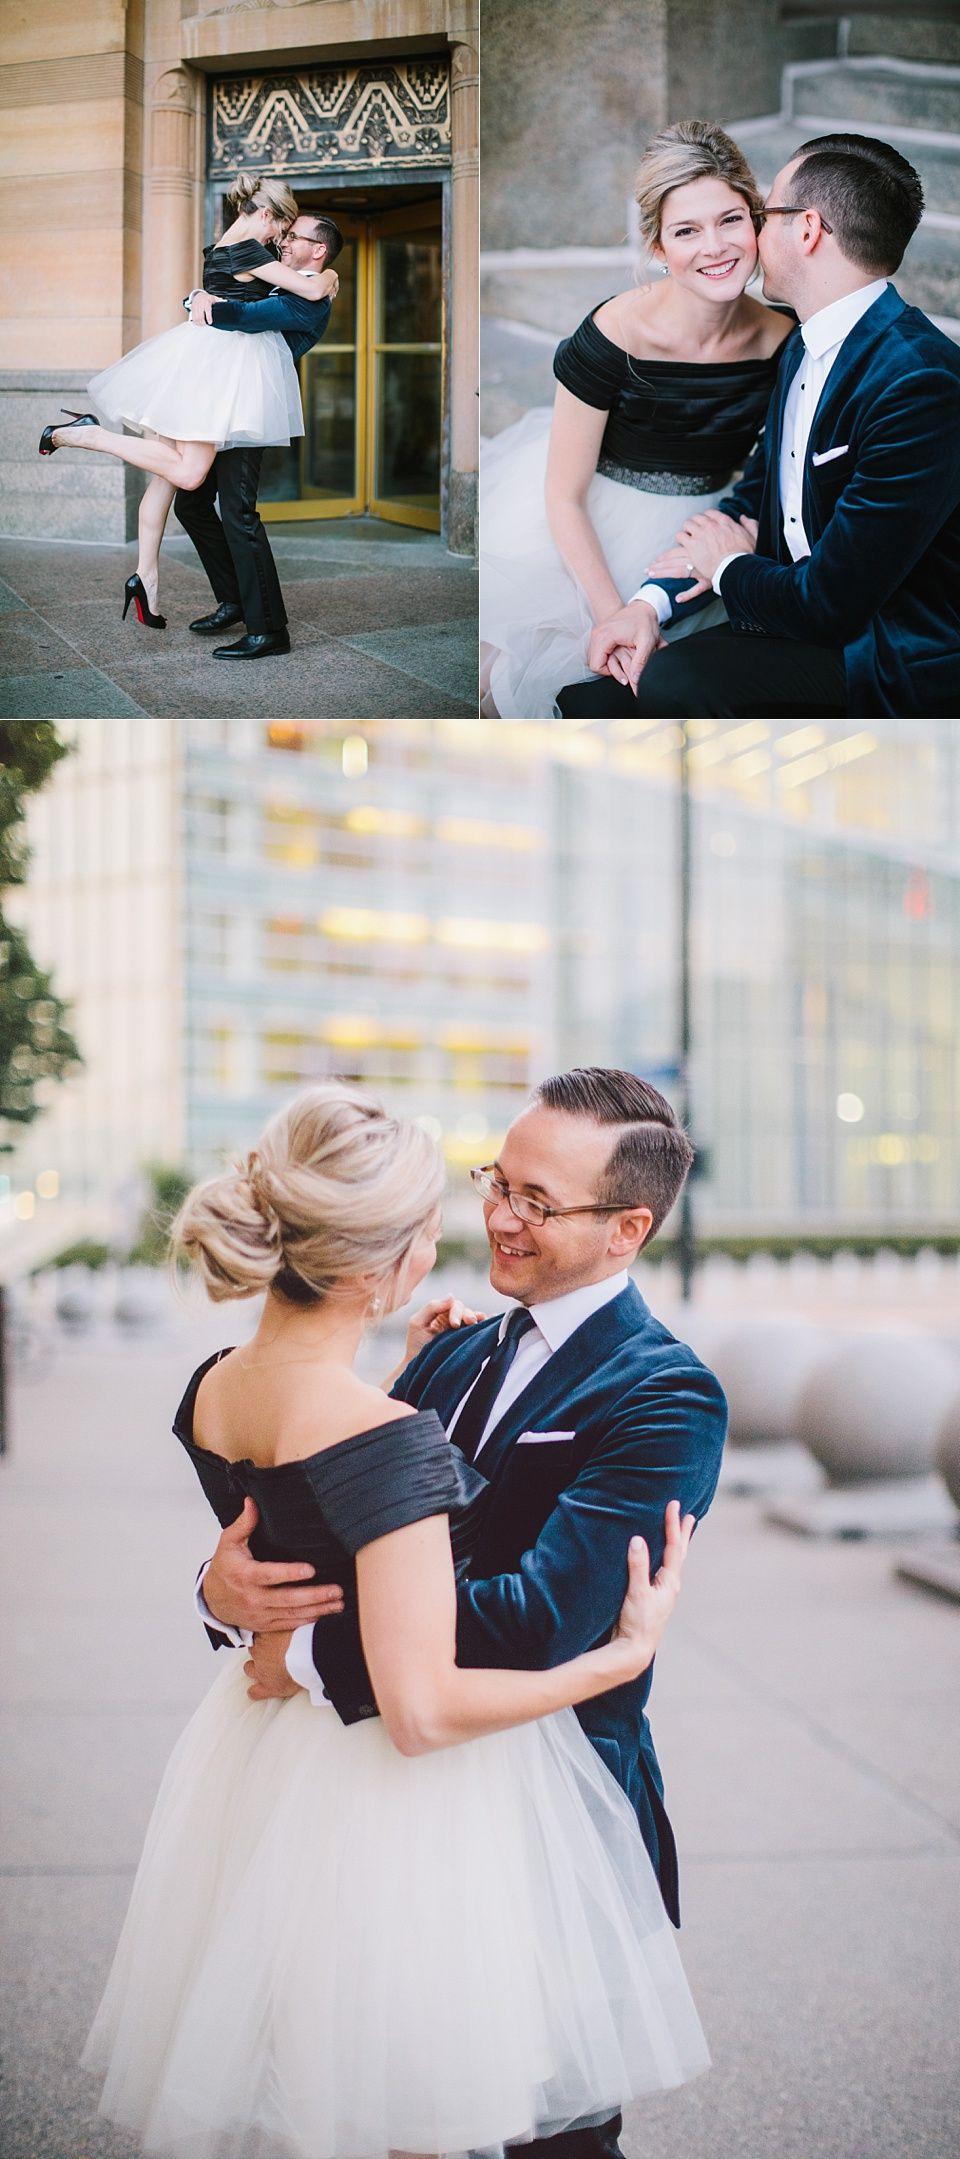 Downtown Buffalo Engagement Session Alexandra Meseke Photography Engagementphotography Civil Ceremony Wedding Dress Engagement Photo Outfits Ny Wedding